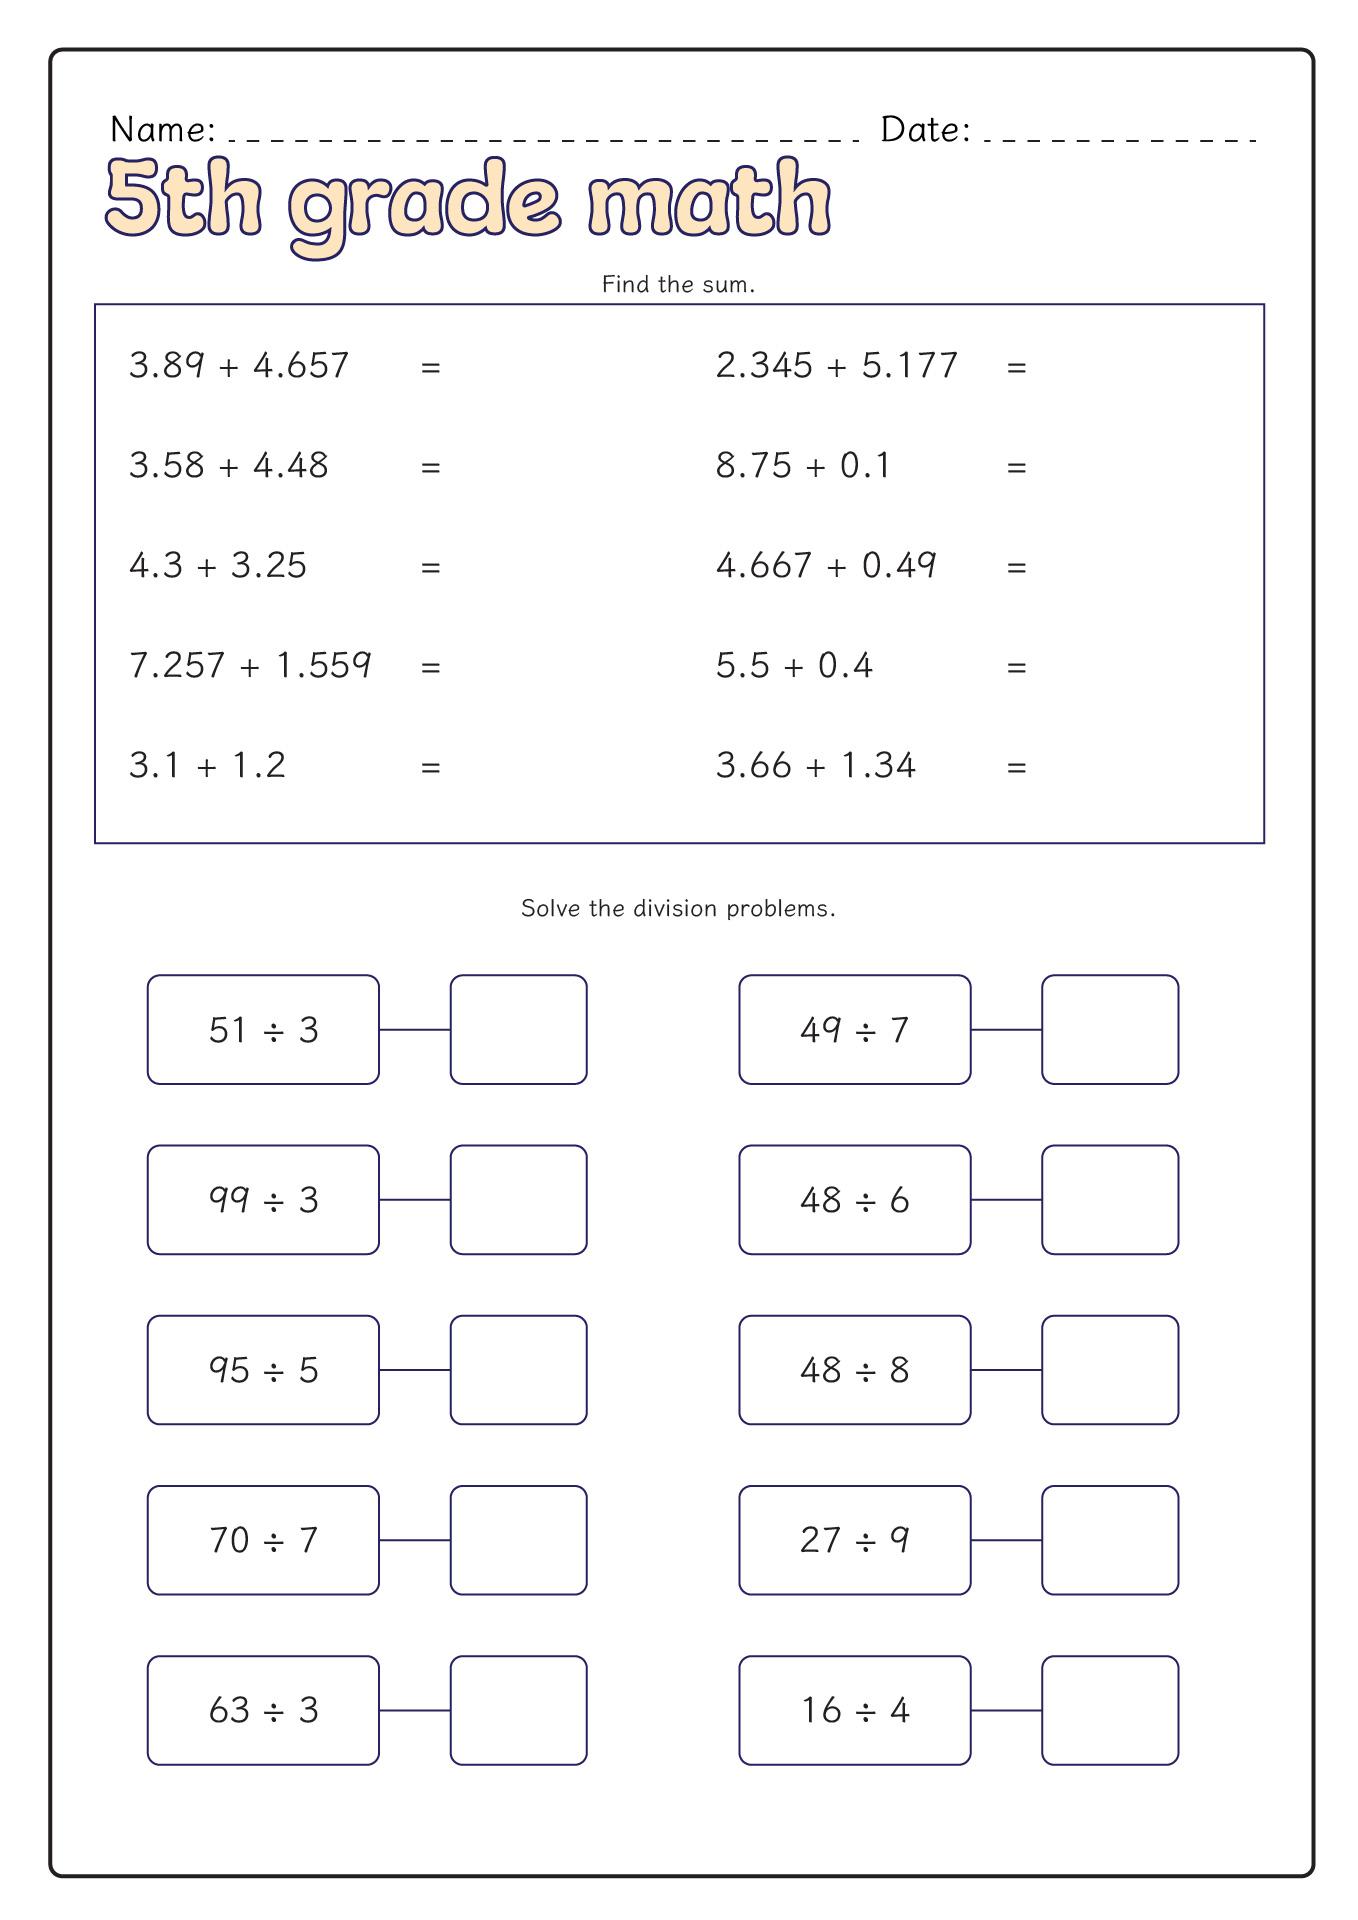 13 Best Images Of Missing Number Multiplication Worksheets